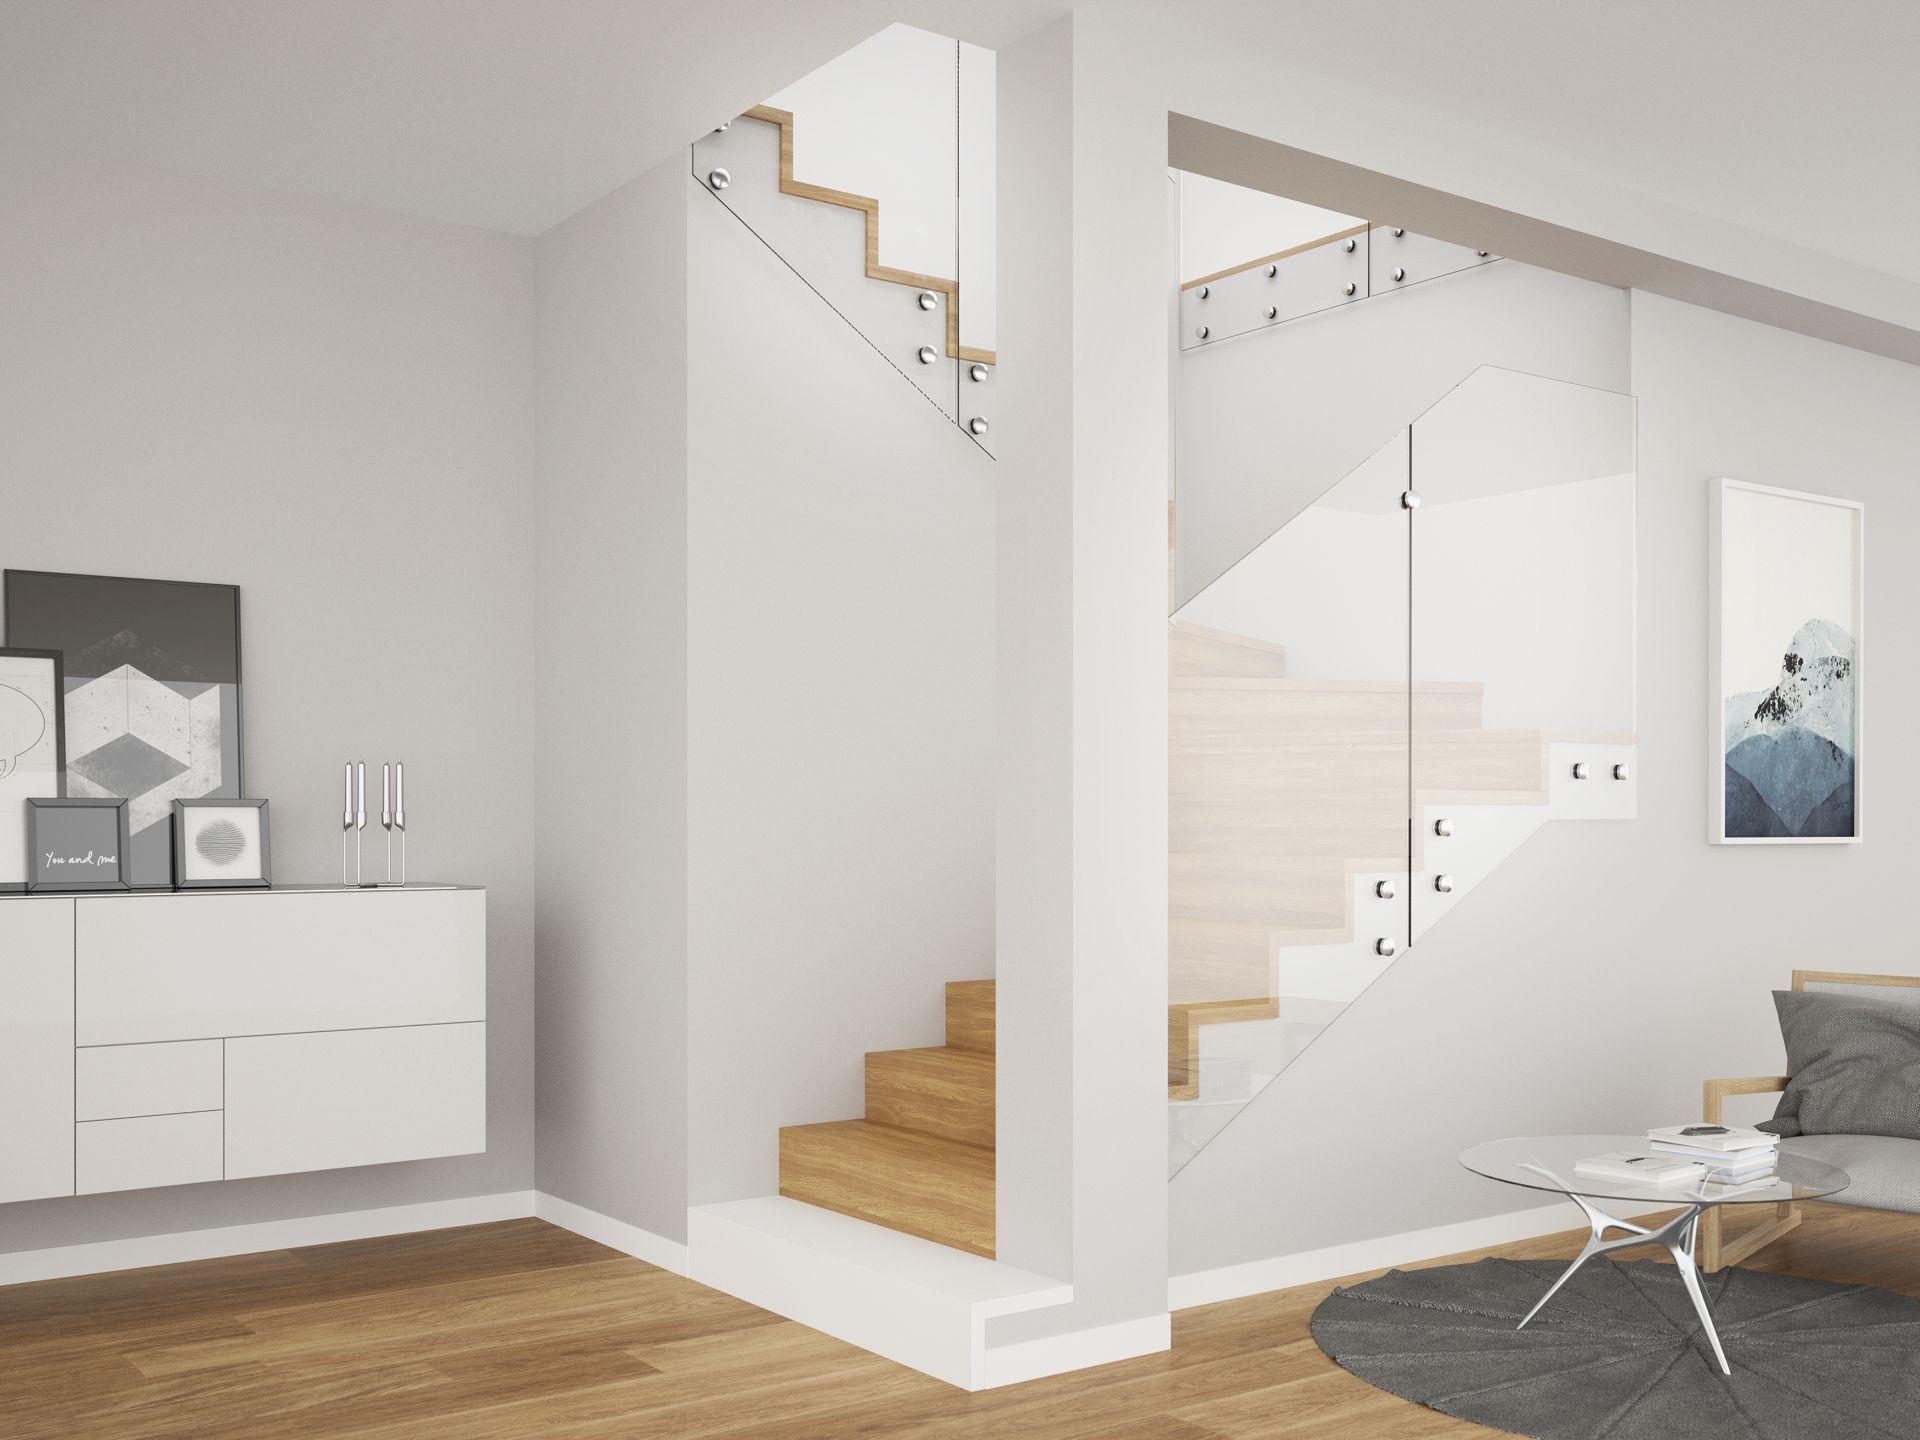 schody styl skandynawski, balustrada szklana